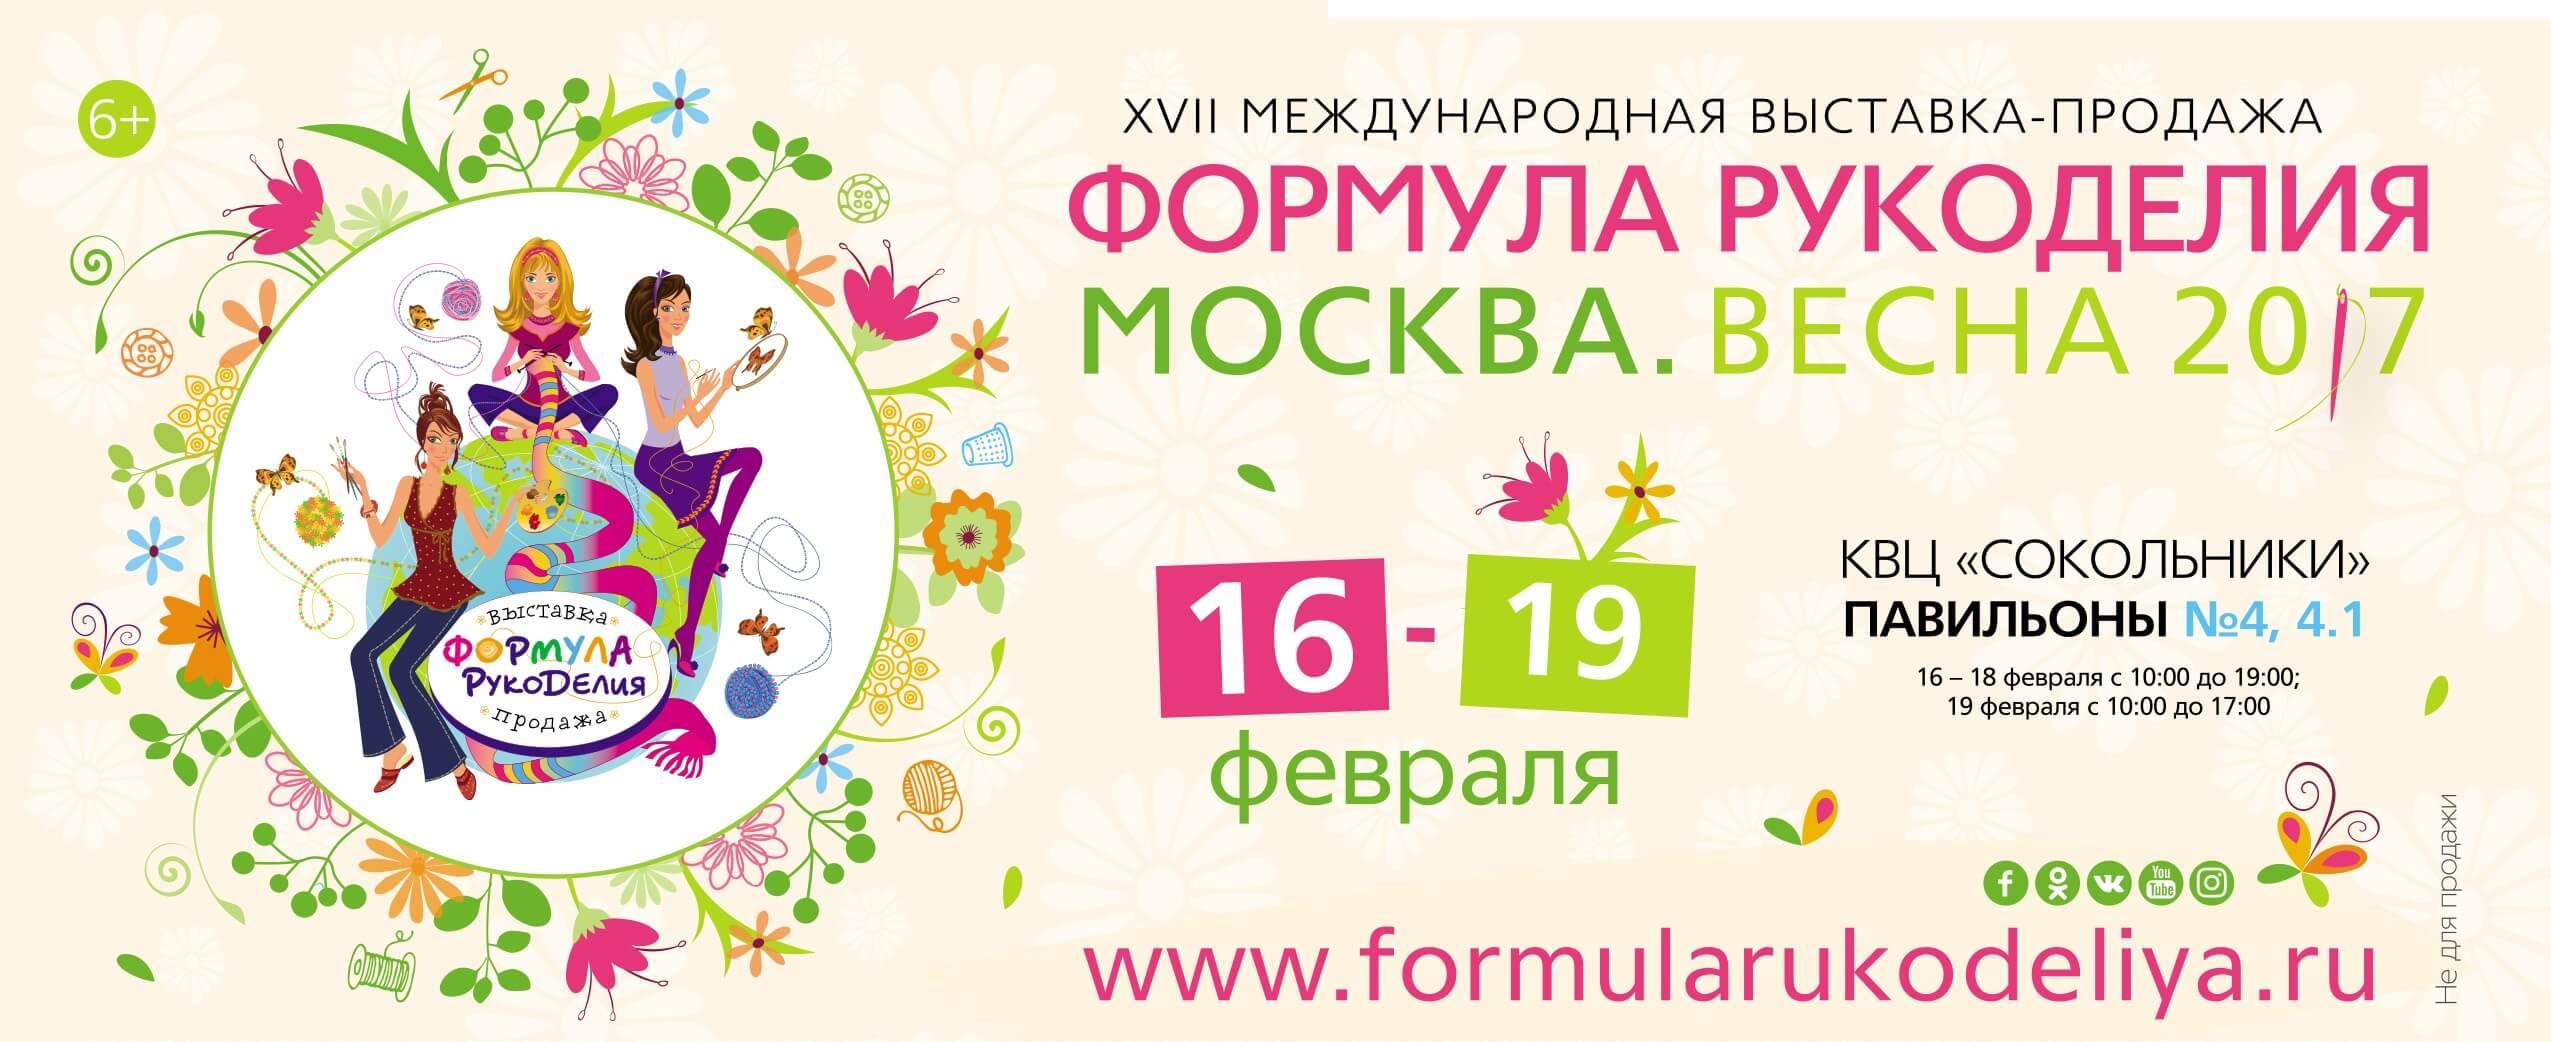 Форум рукоделия в сокольниках 2017